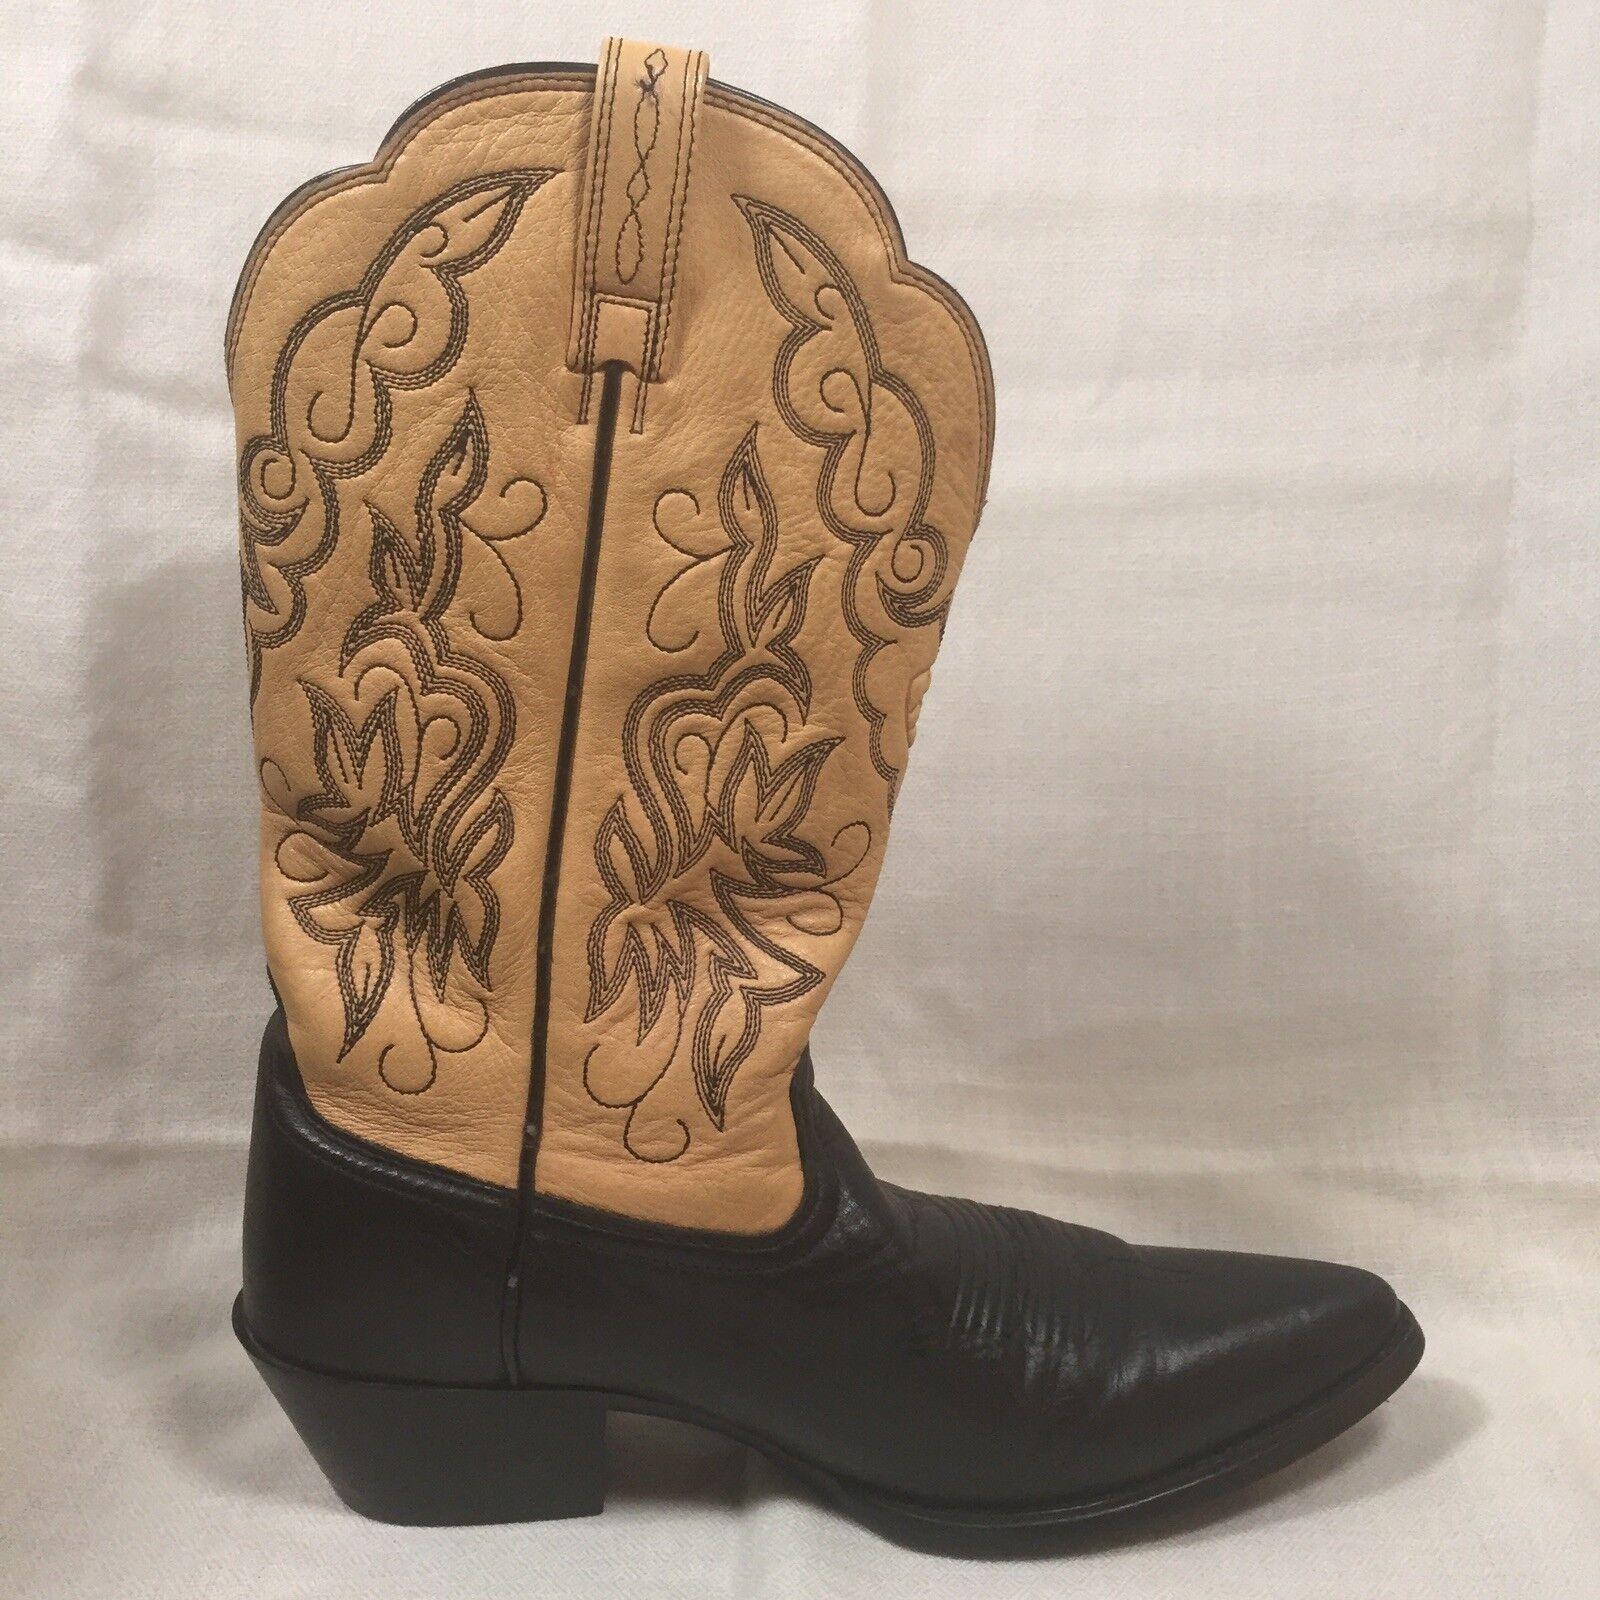 Ariat 15781 pulgadas Puntera Blanda botas De Cuero Cuero Cuero Negro Bronceado Vaquera Occidental Talla 7B nos 37.5 euros  tienda de ventas outlet